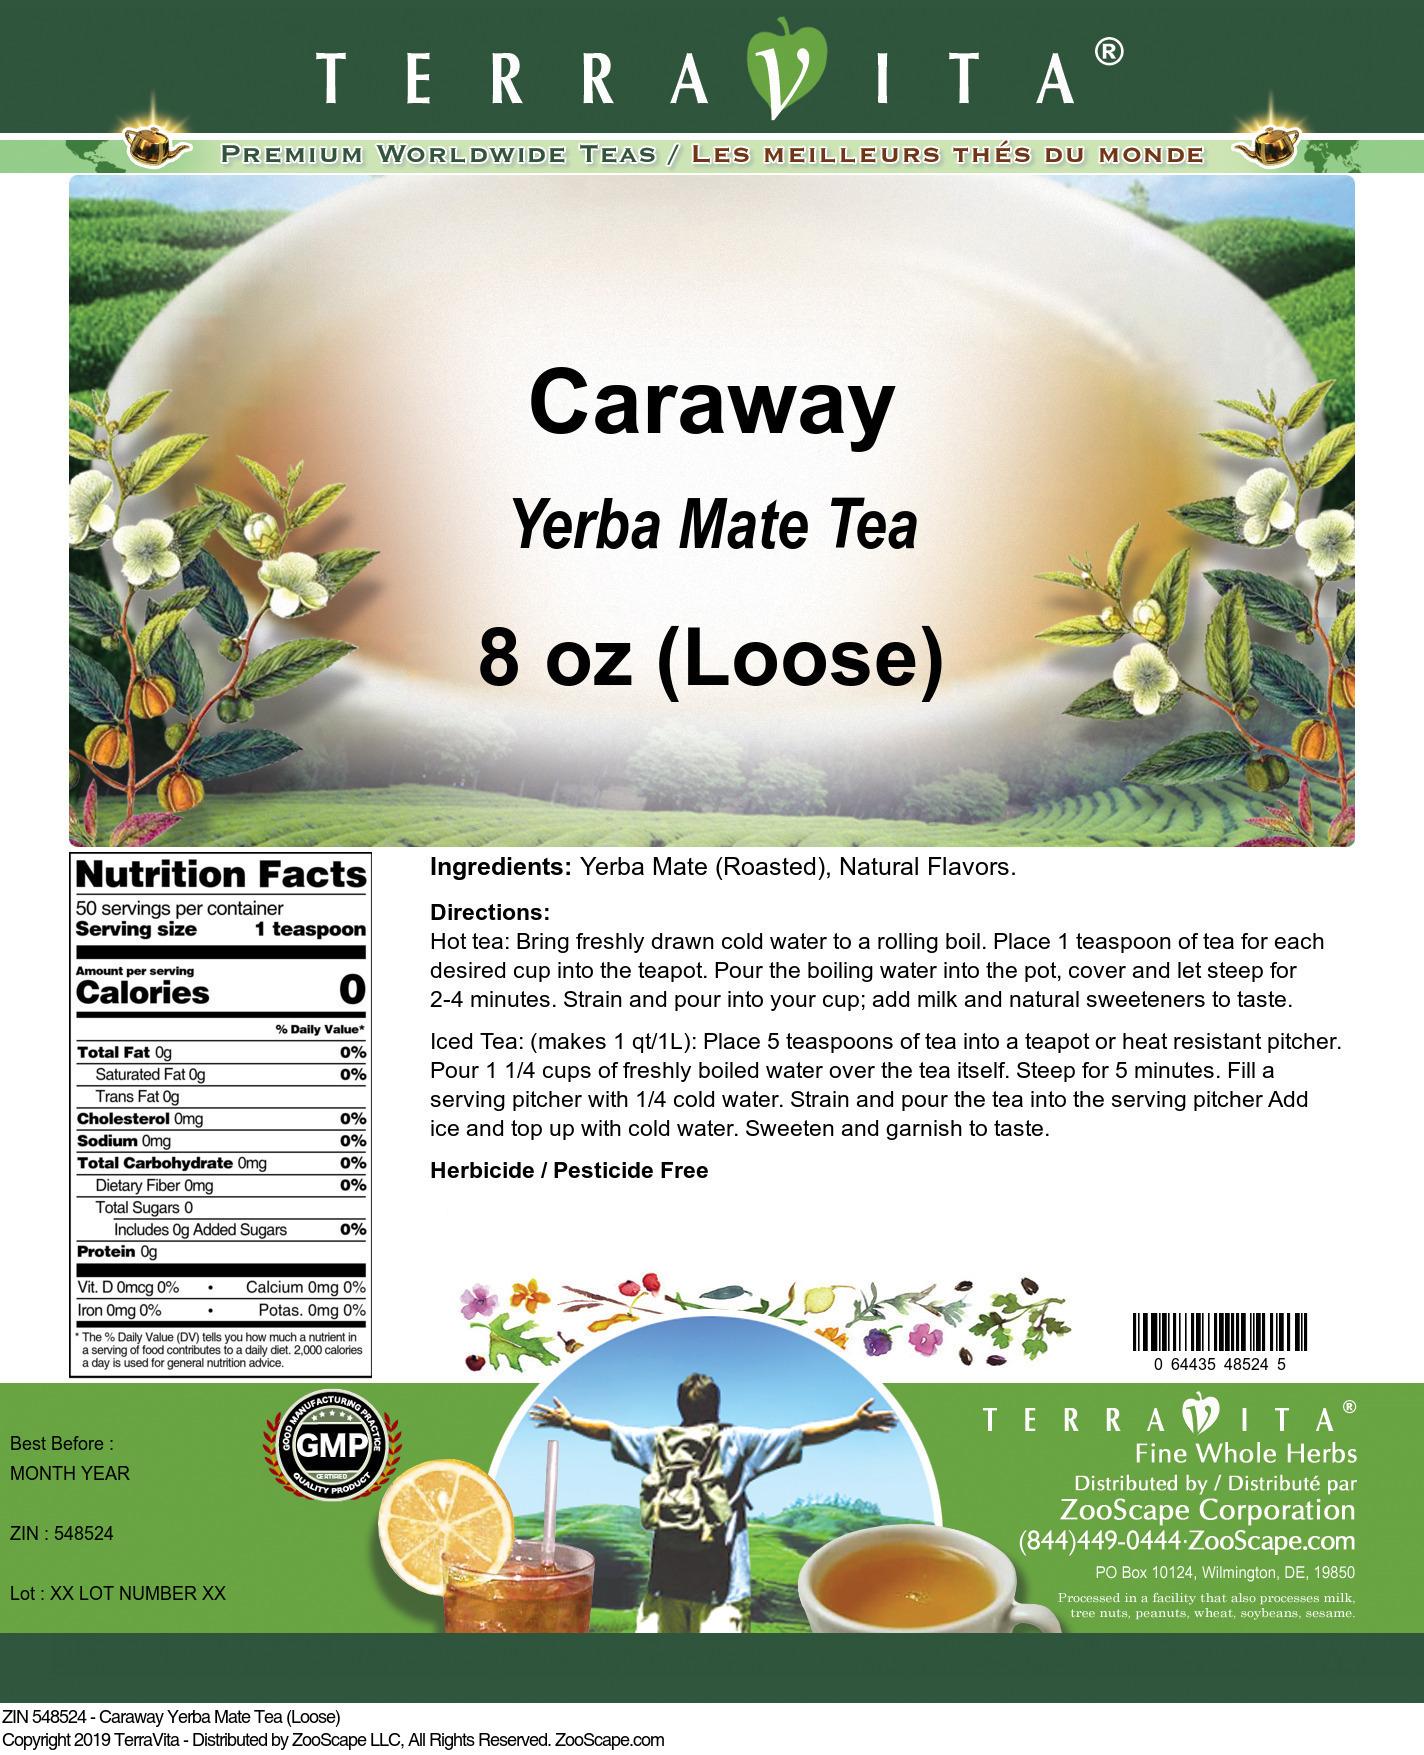 Caraway Yerba Mate Tea (Loose)